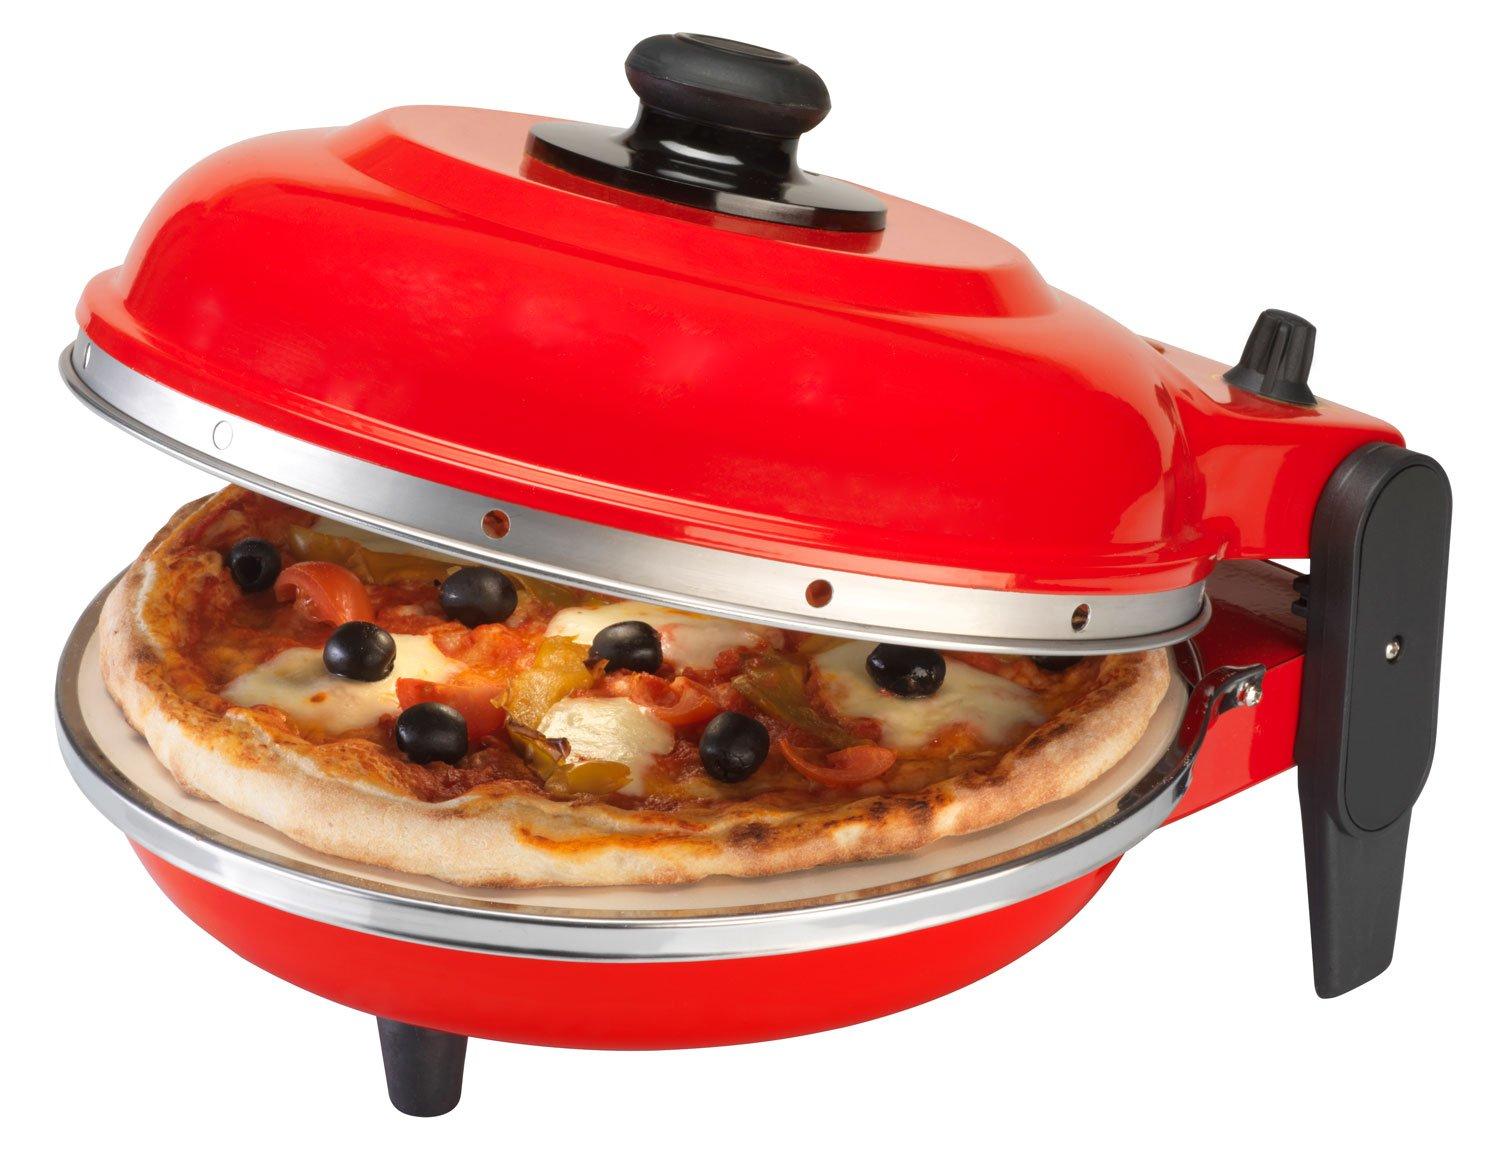 g3 ferrari four pizza g3 ferrari pizza express napoli 1200 watt 450 31 cm import allemagne amazonfr cuisine maison - Cuisson Pizza Maison Four Electrique